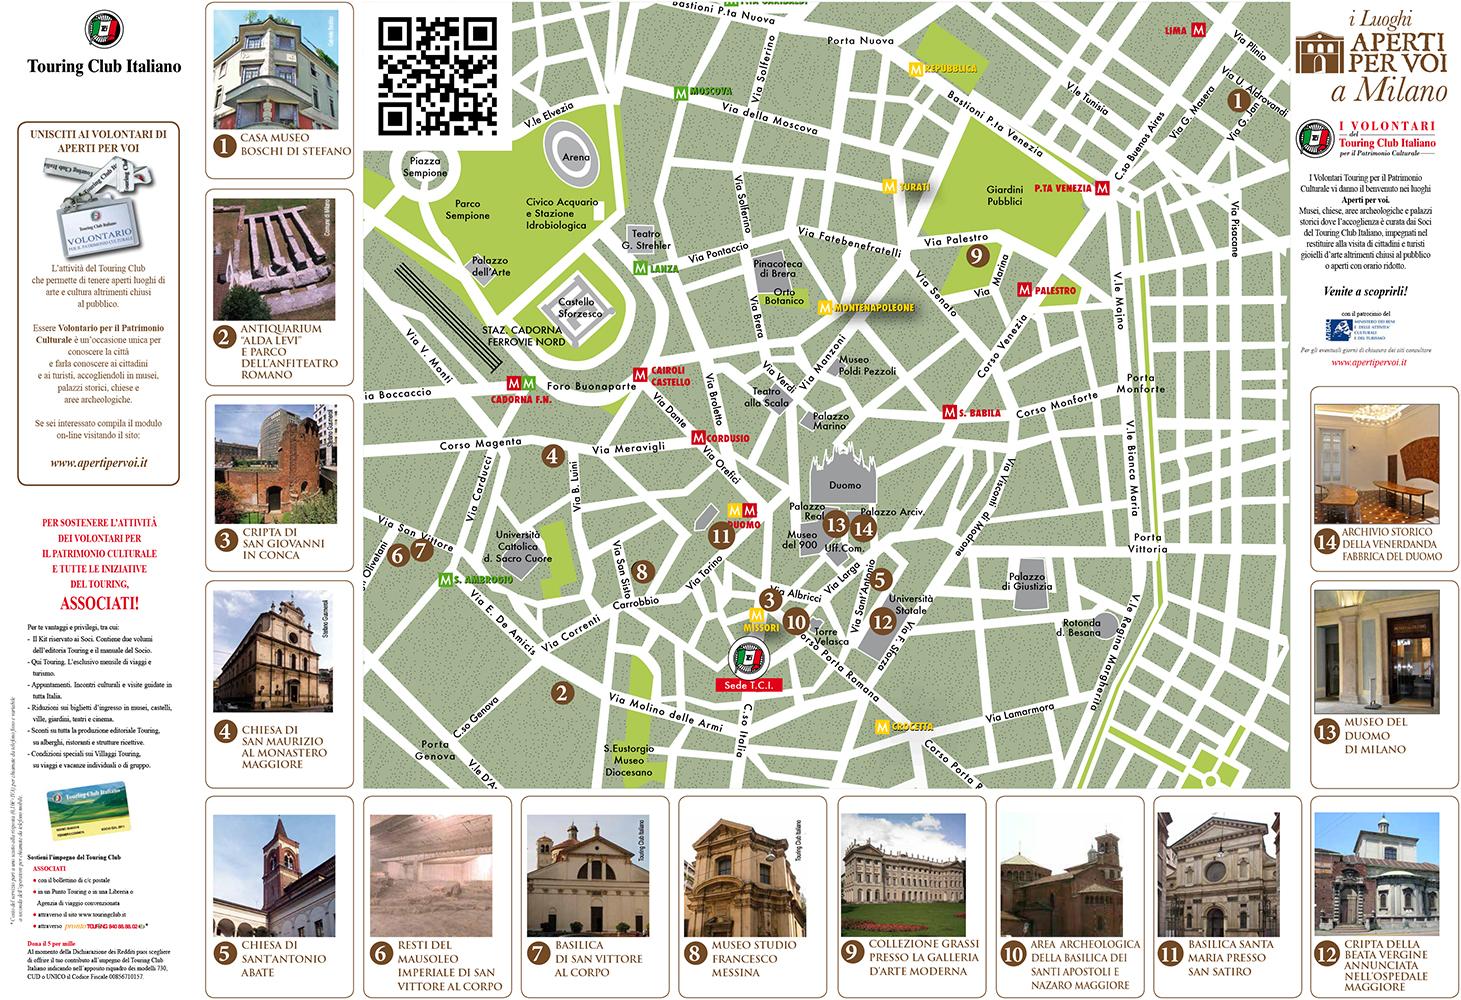 Mappa di Milano – Aperti per Voi – TCI